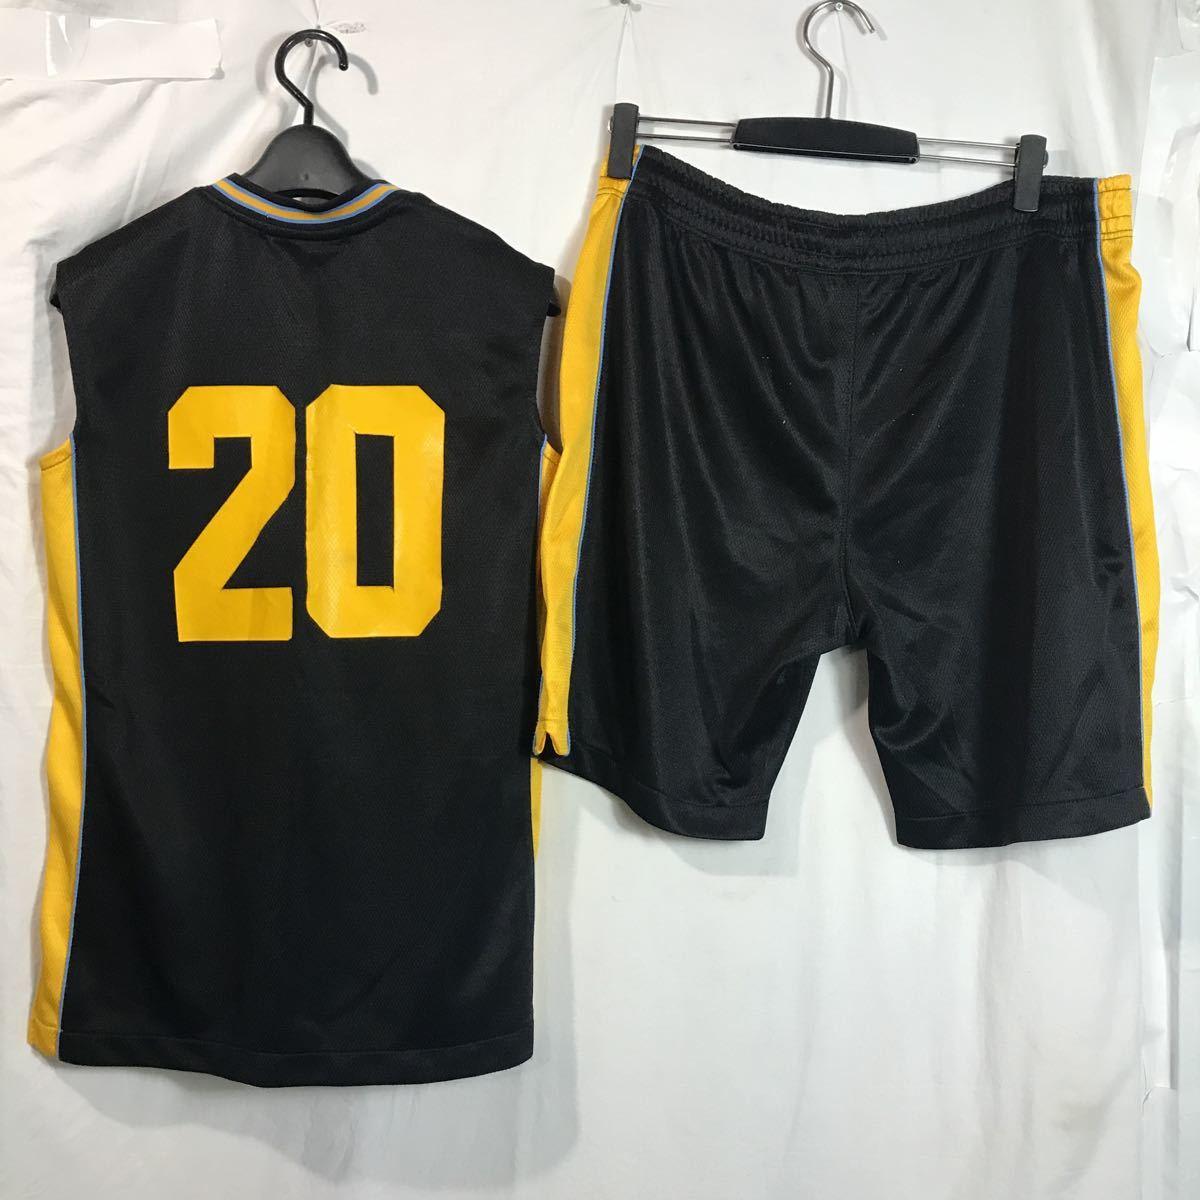 和田 女子バスケットボール部 ブルファイトbull fight #20 黒 ブラック バスケユニフォーム バスケットボール 上下セット Mサイズ_画像7